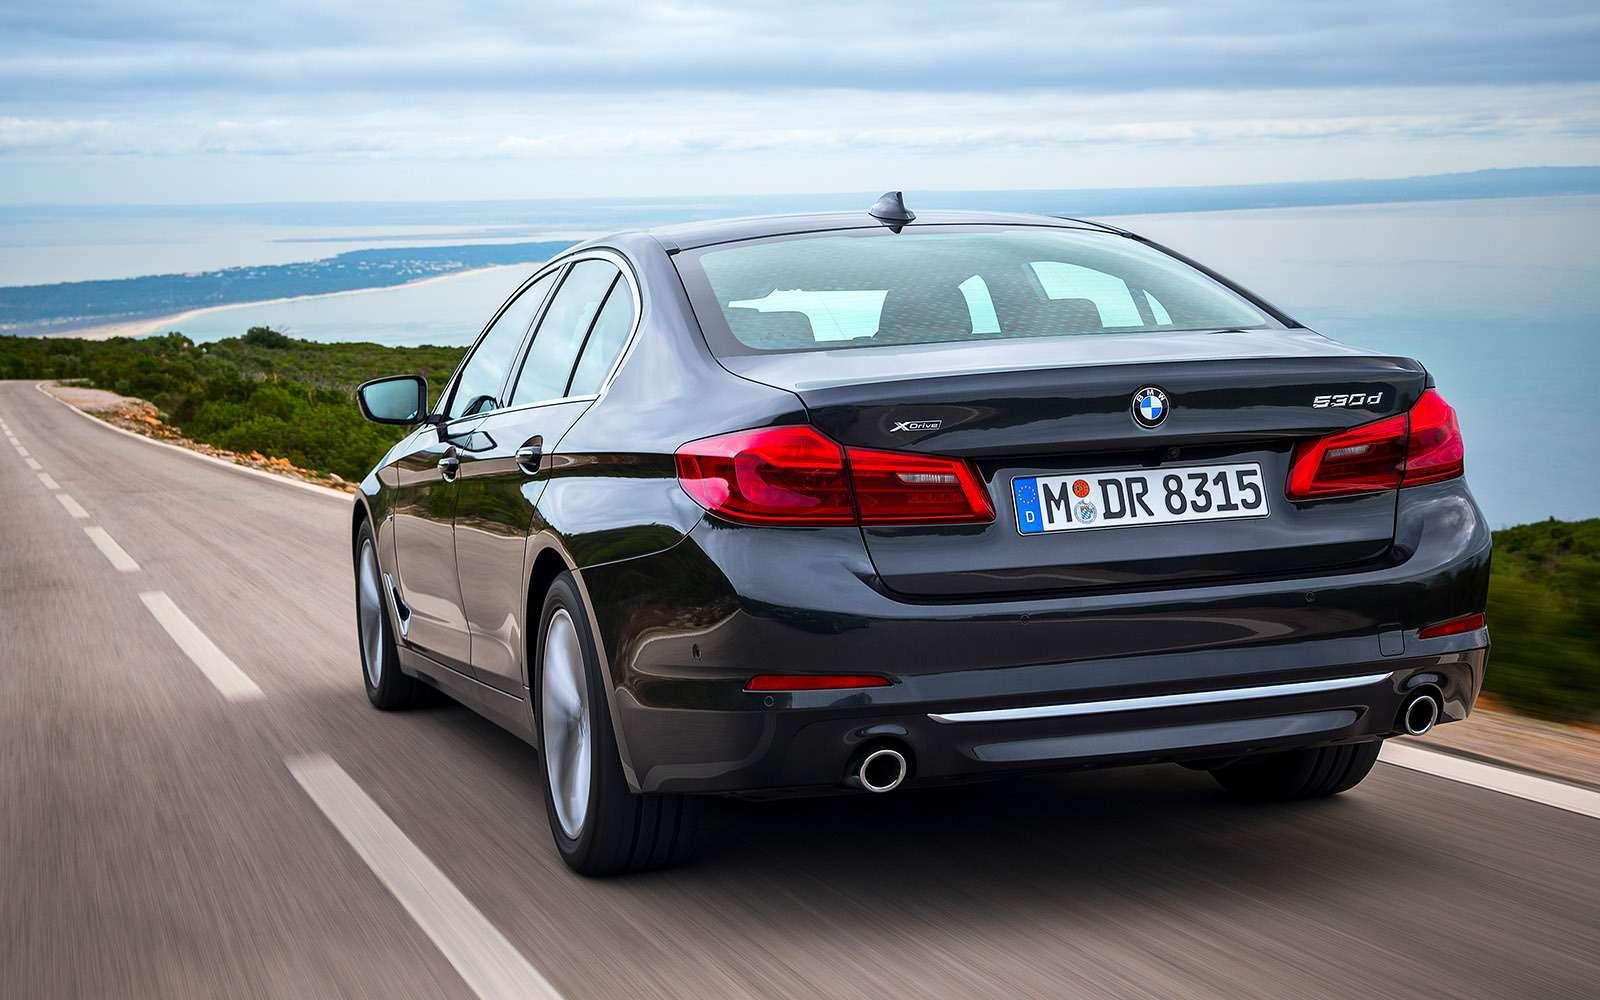 BMWне станет прекращать поставки машин из-за ЭРА-ГЛОНАСС— фото 694162